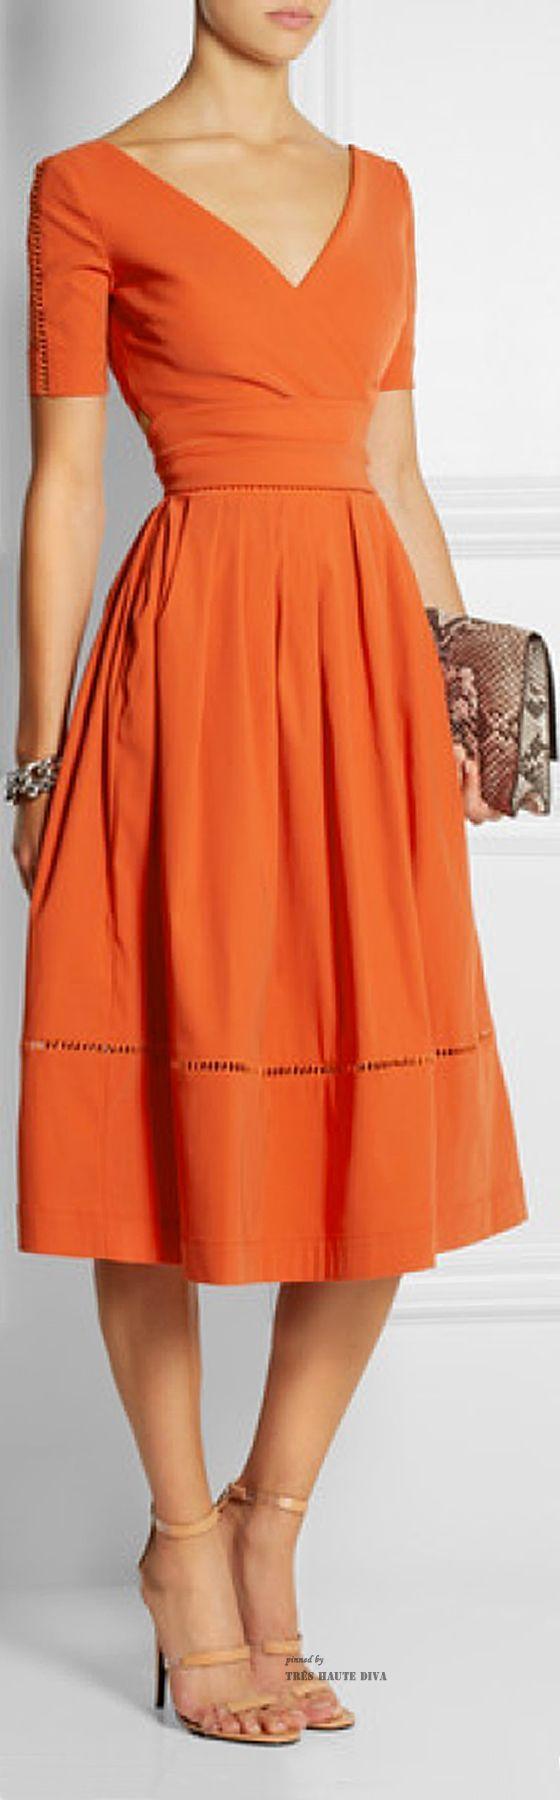 10508dc2de Les tengo una galeria de fotografías de vestidos para esta primavera-verano  2015